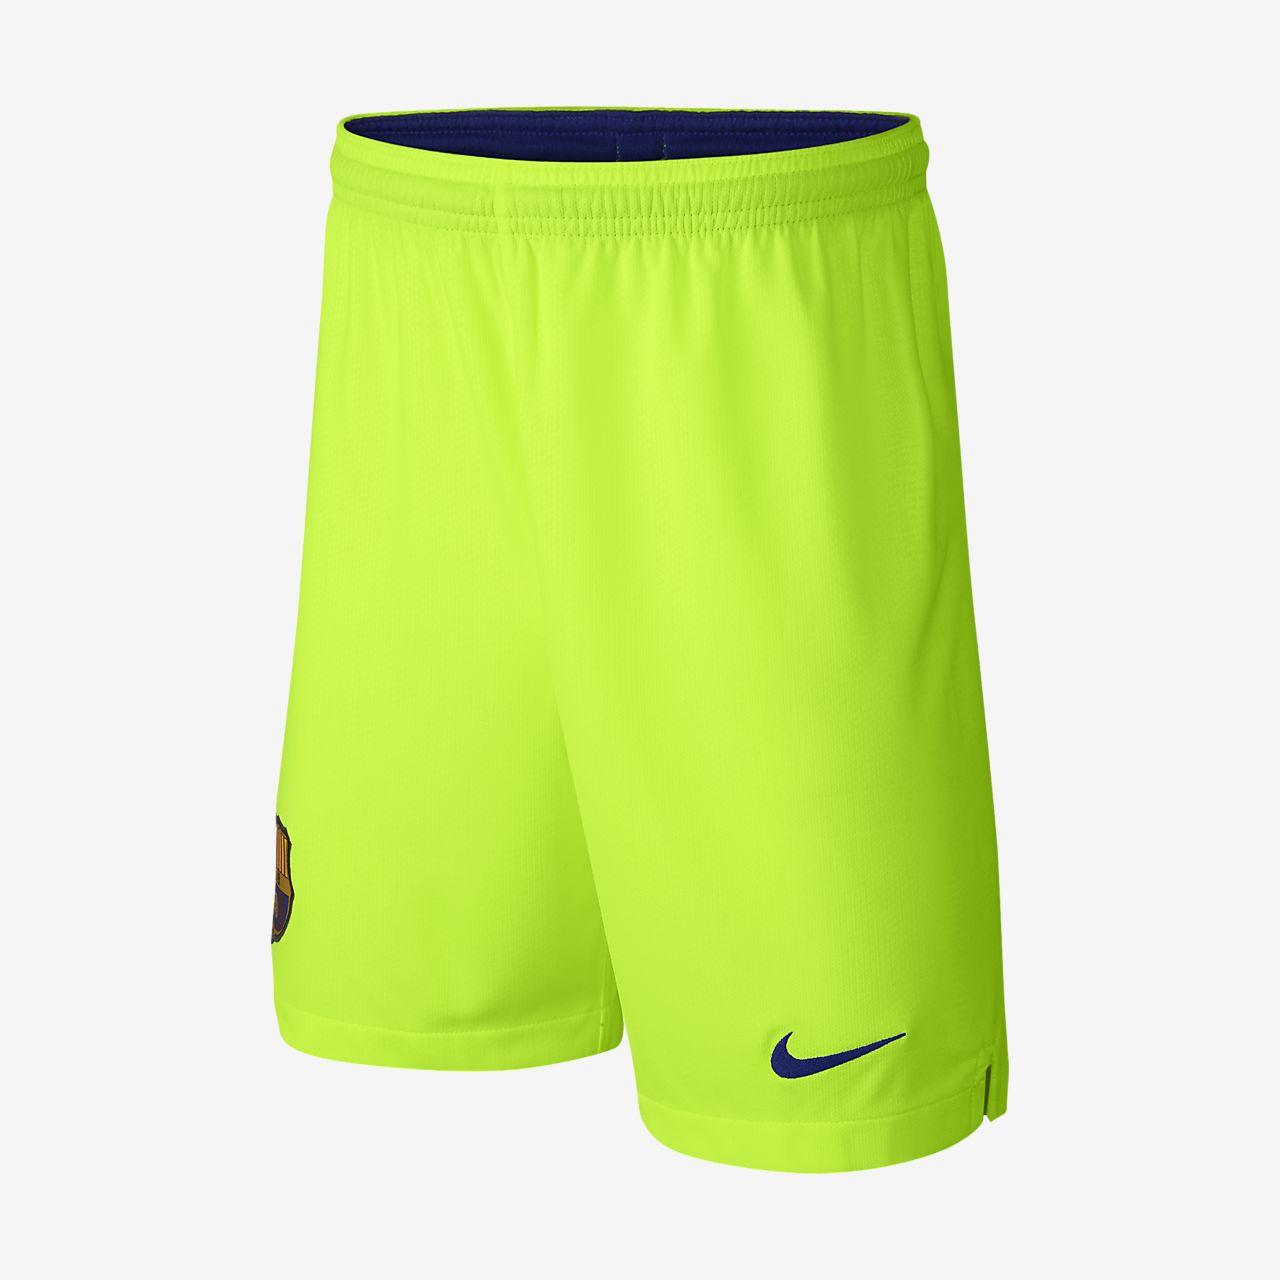 Shorts de fútbol para niños talla grande de visitante Stadium del FC Barcelona 2018/19